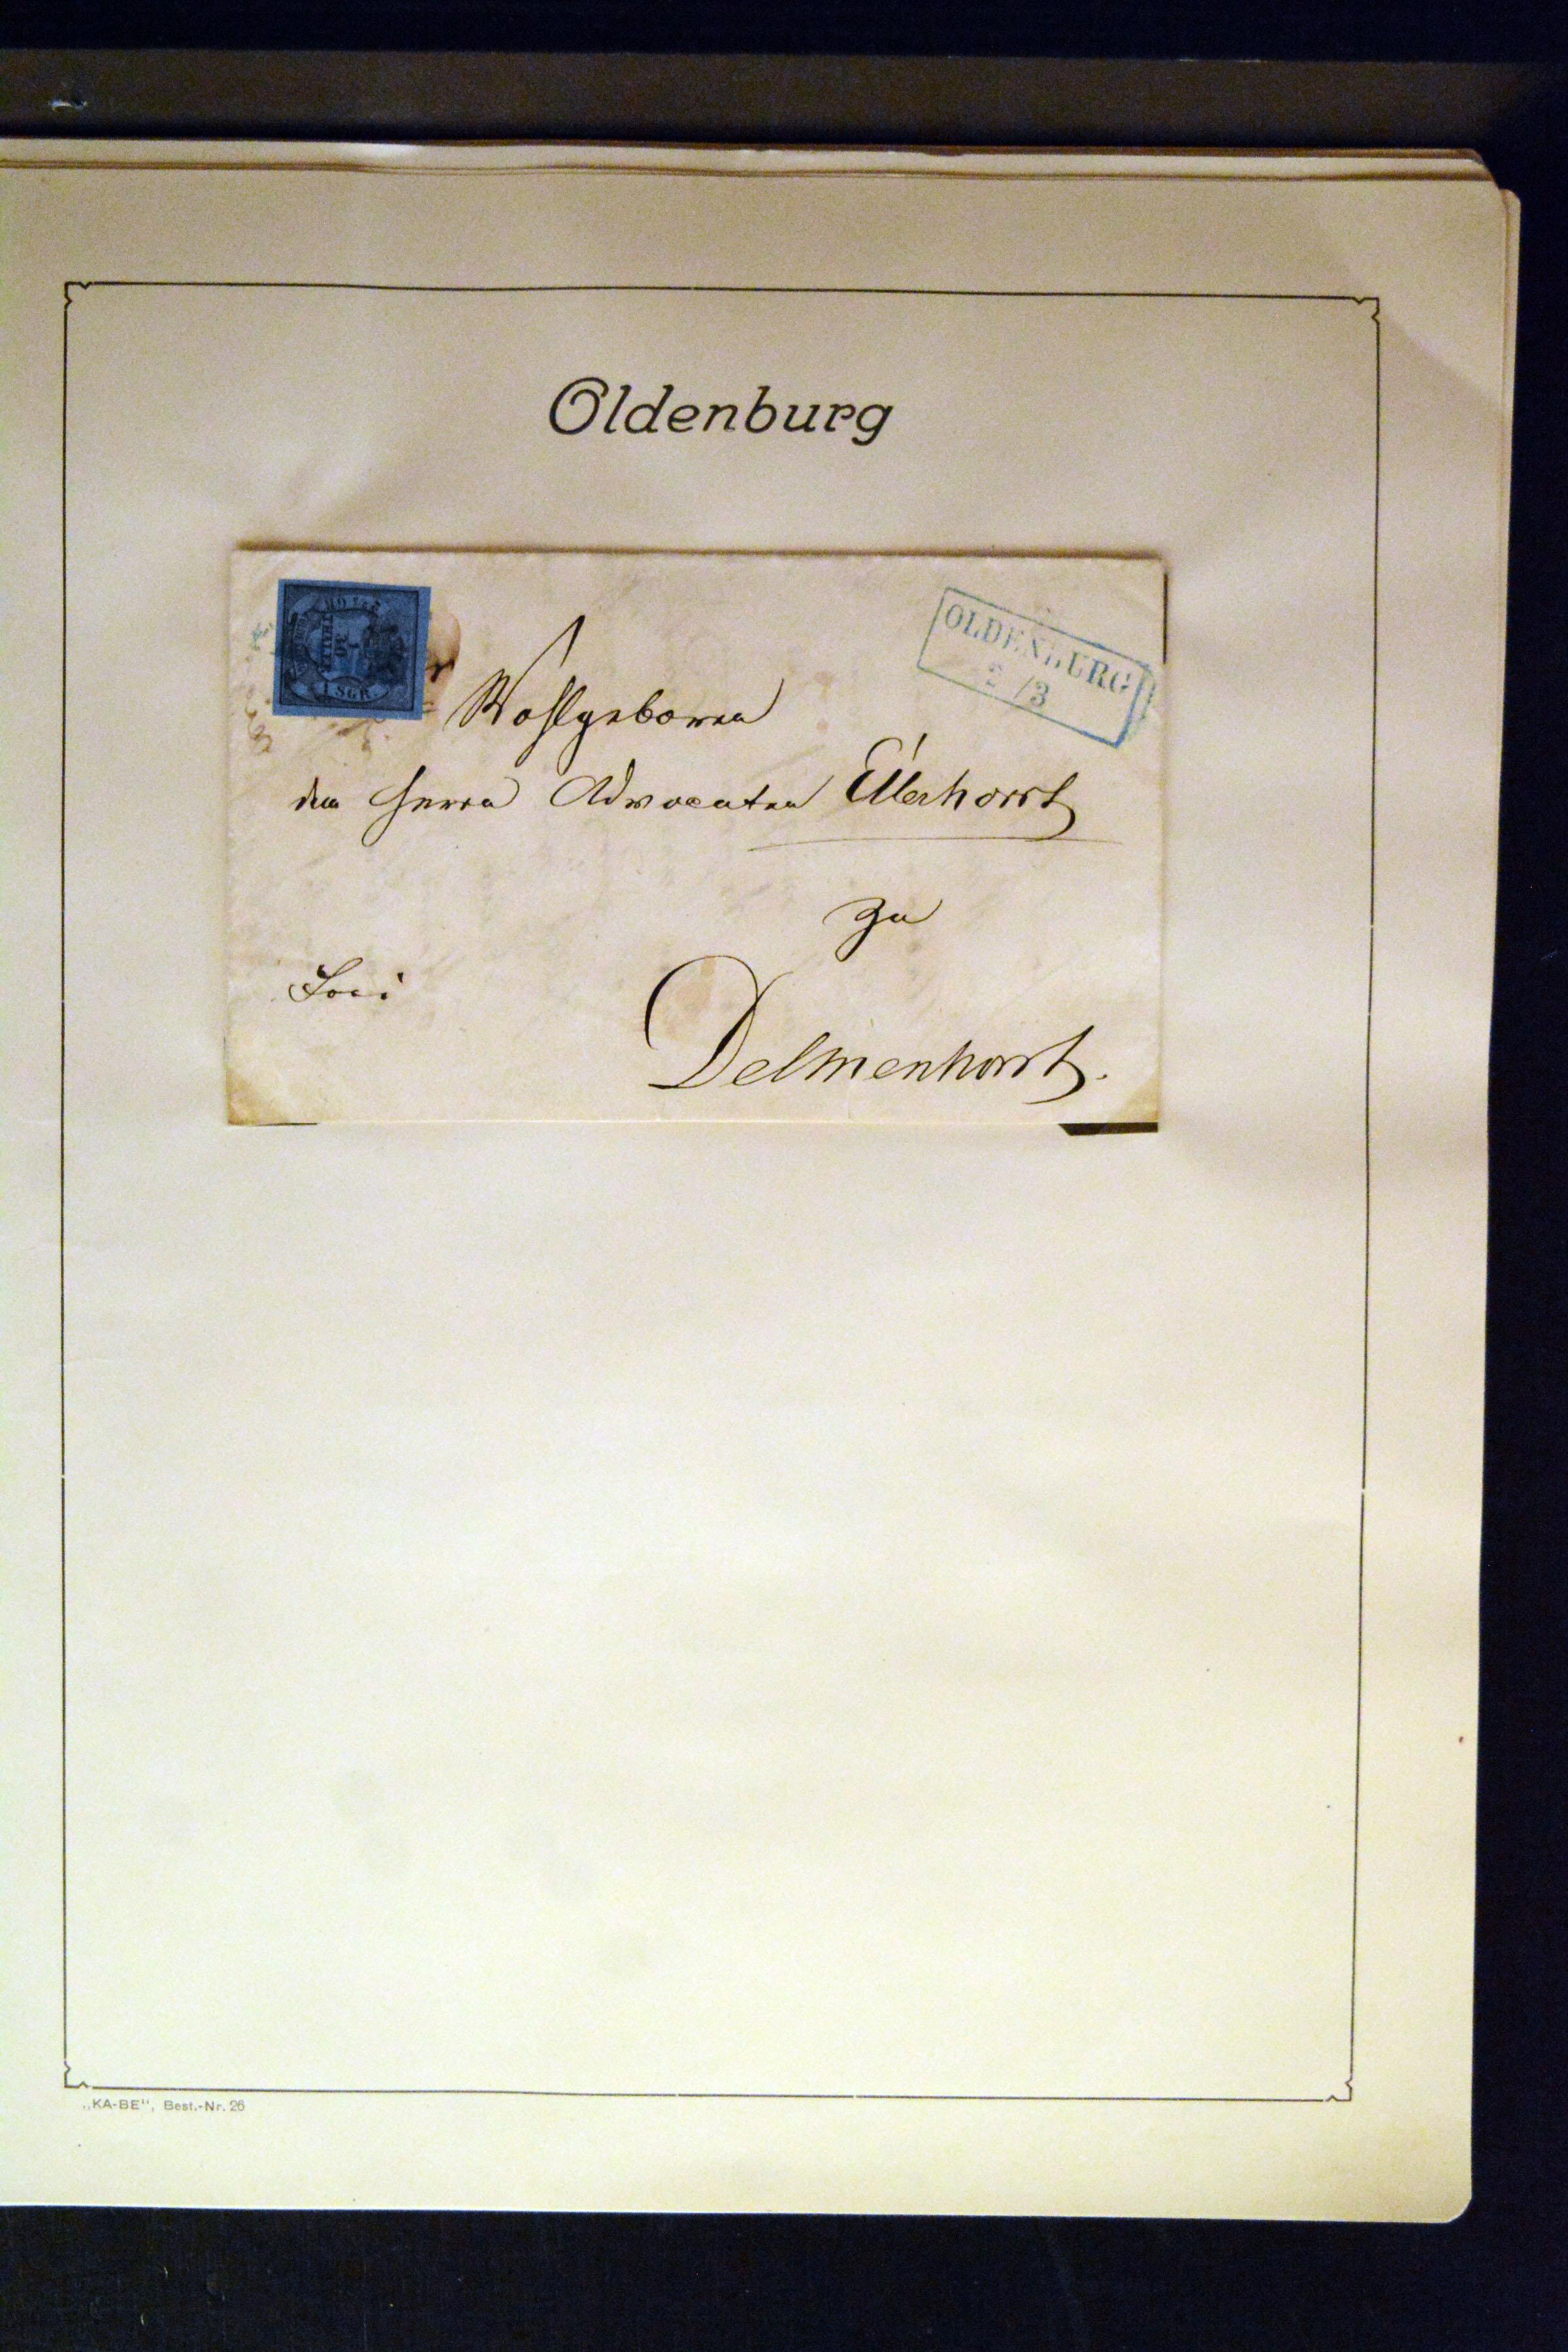 Lot 3559 - Main catalogue german states -  Heinrich Koehler Auktionen Auction #371- Day 3